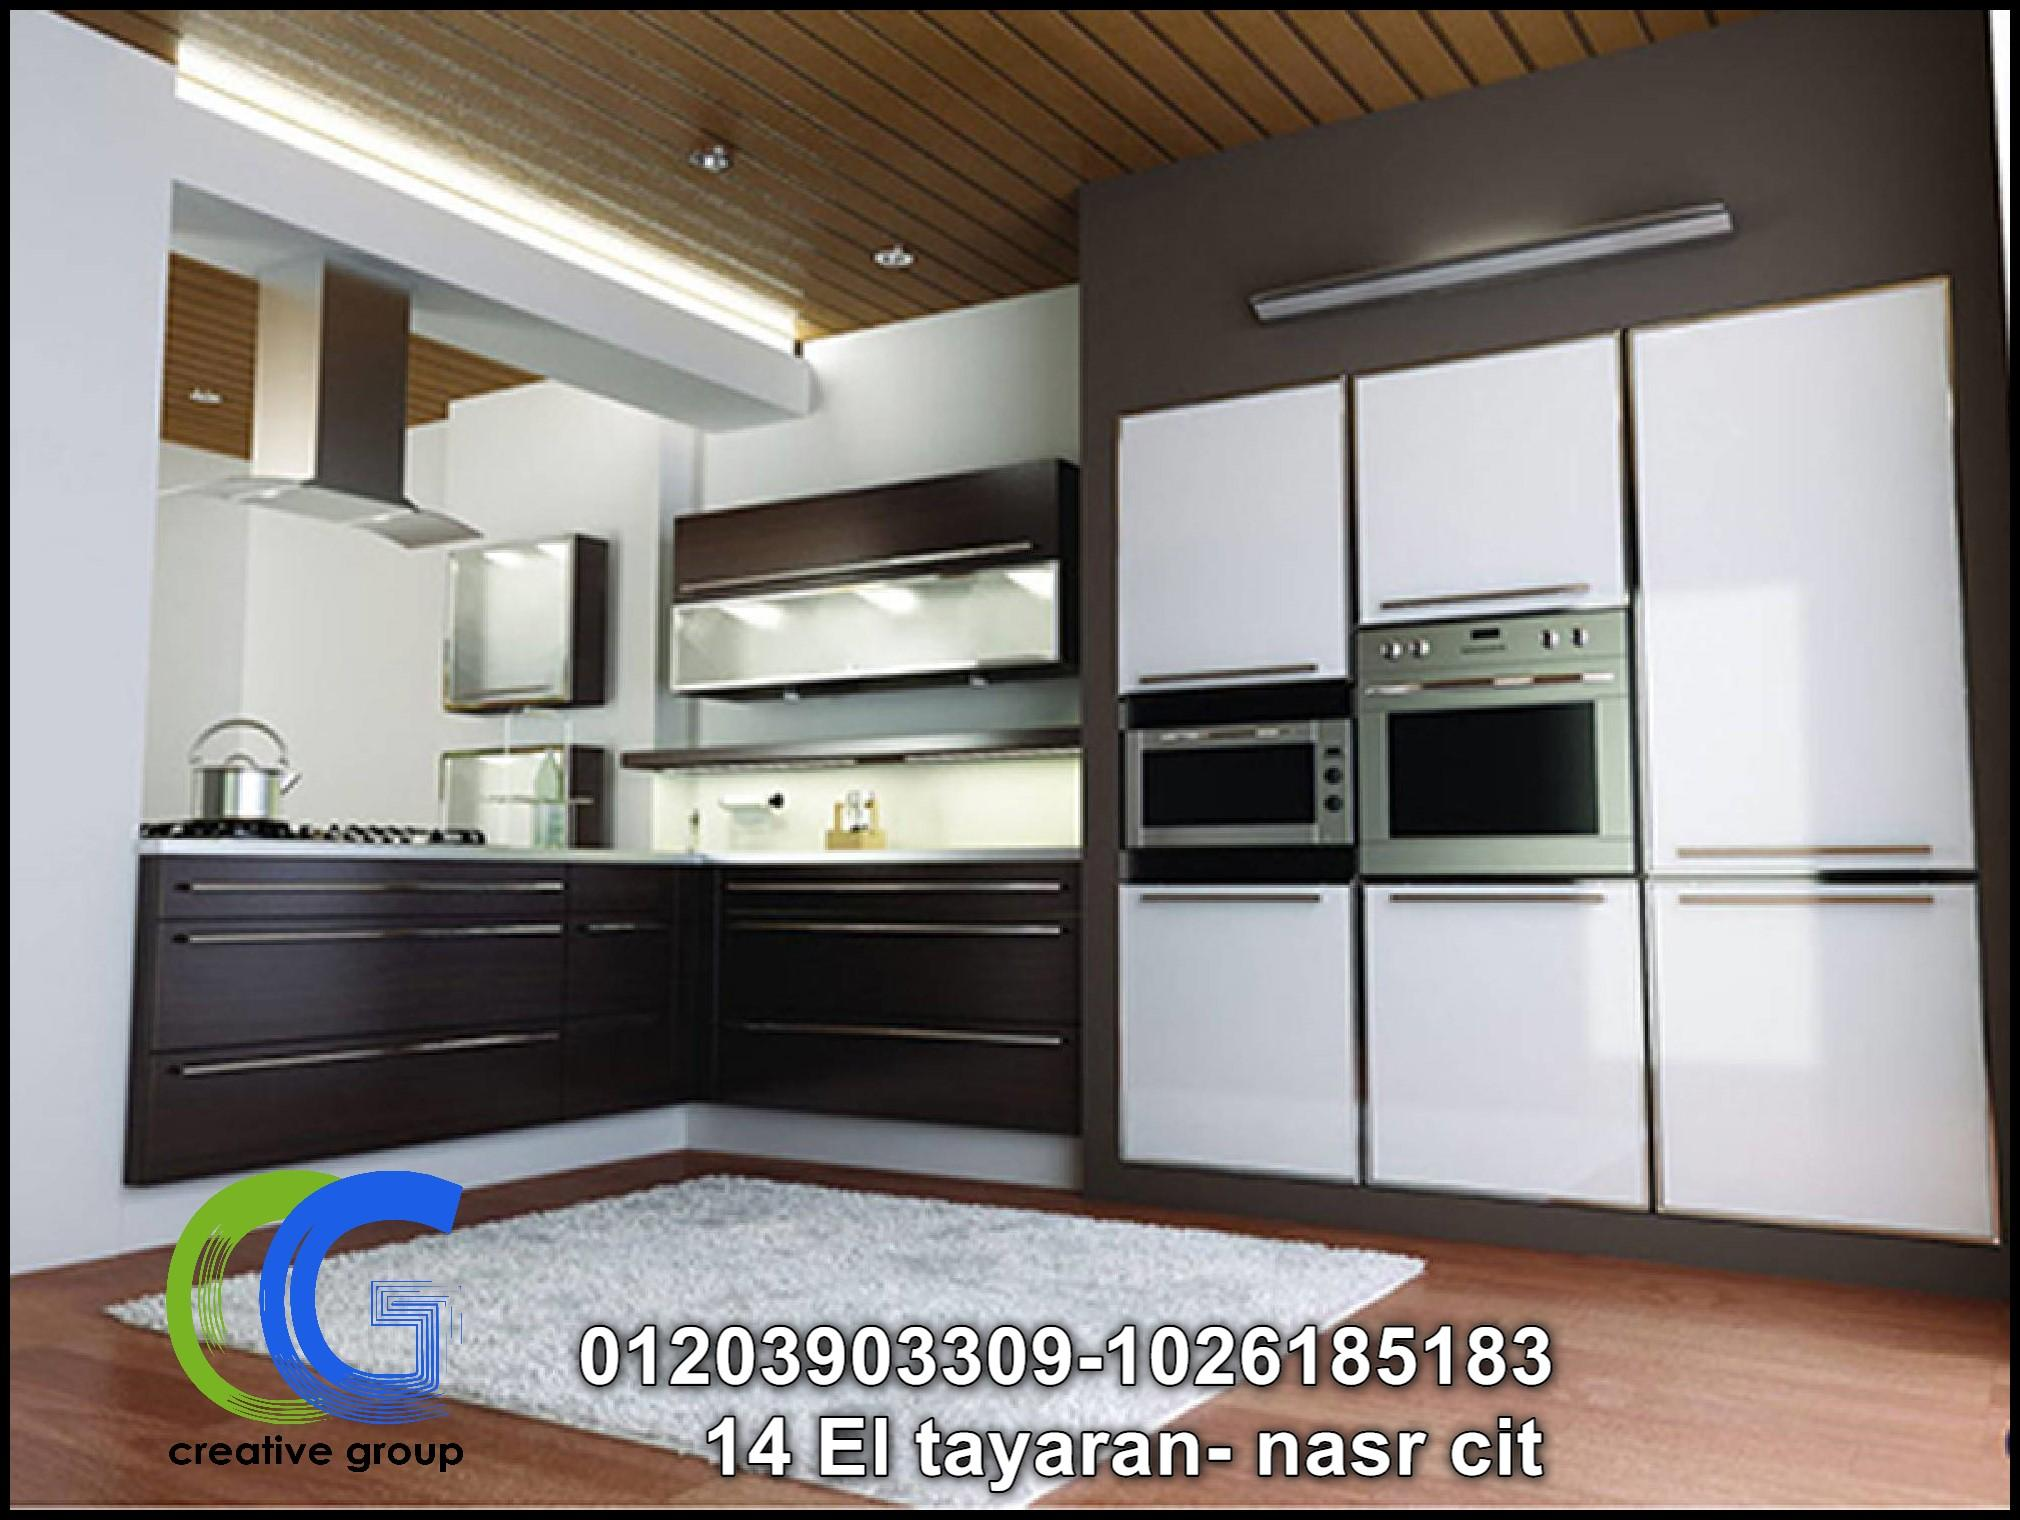 افضل شركات مطابخ فى مصر - ارخص سعر 01203903309 898487781